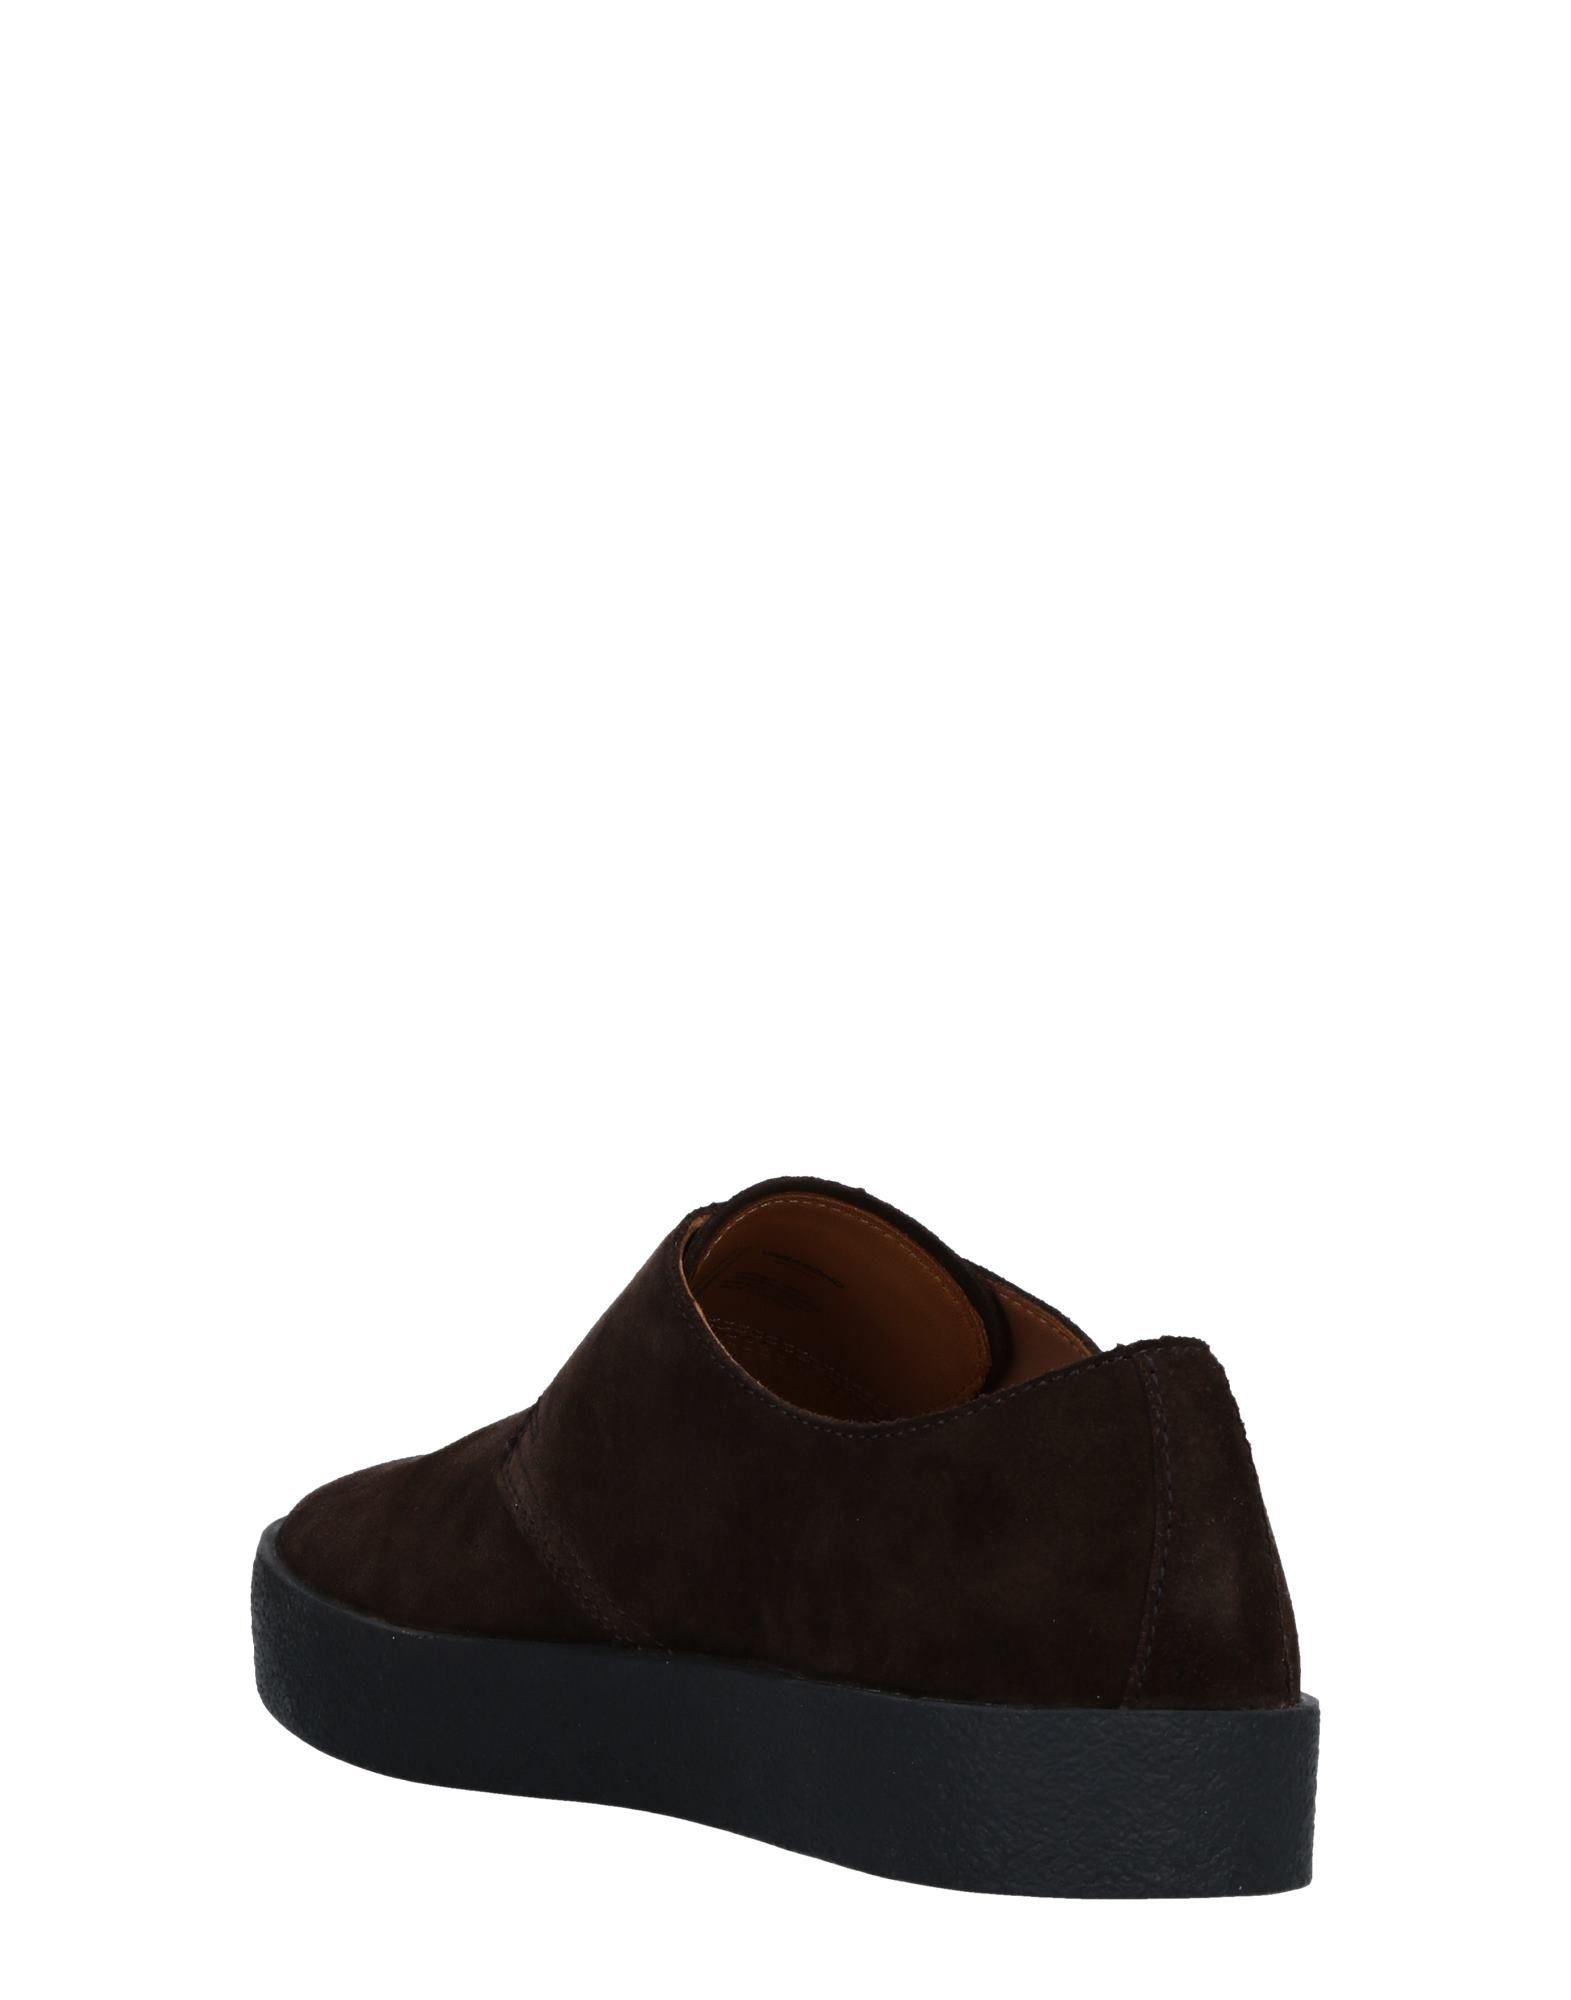 Vagabond Shoemakers es Mokassins Herren Gutes Preis-Leistungs-Verhältnis, es Shoemakers lohnt sich,Billig-4133 0046ba